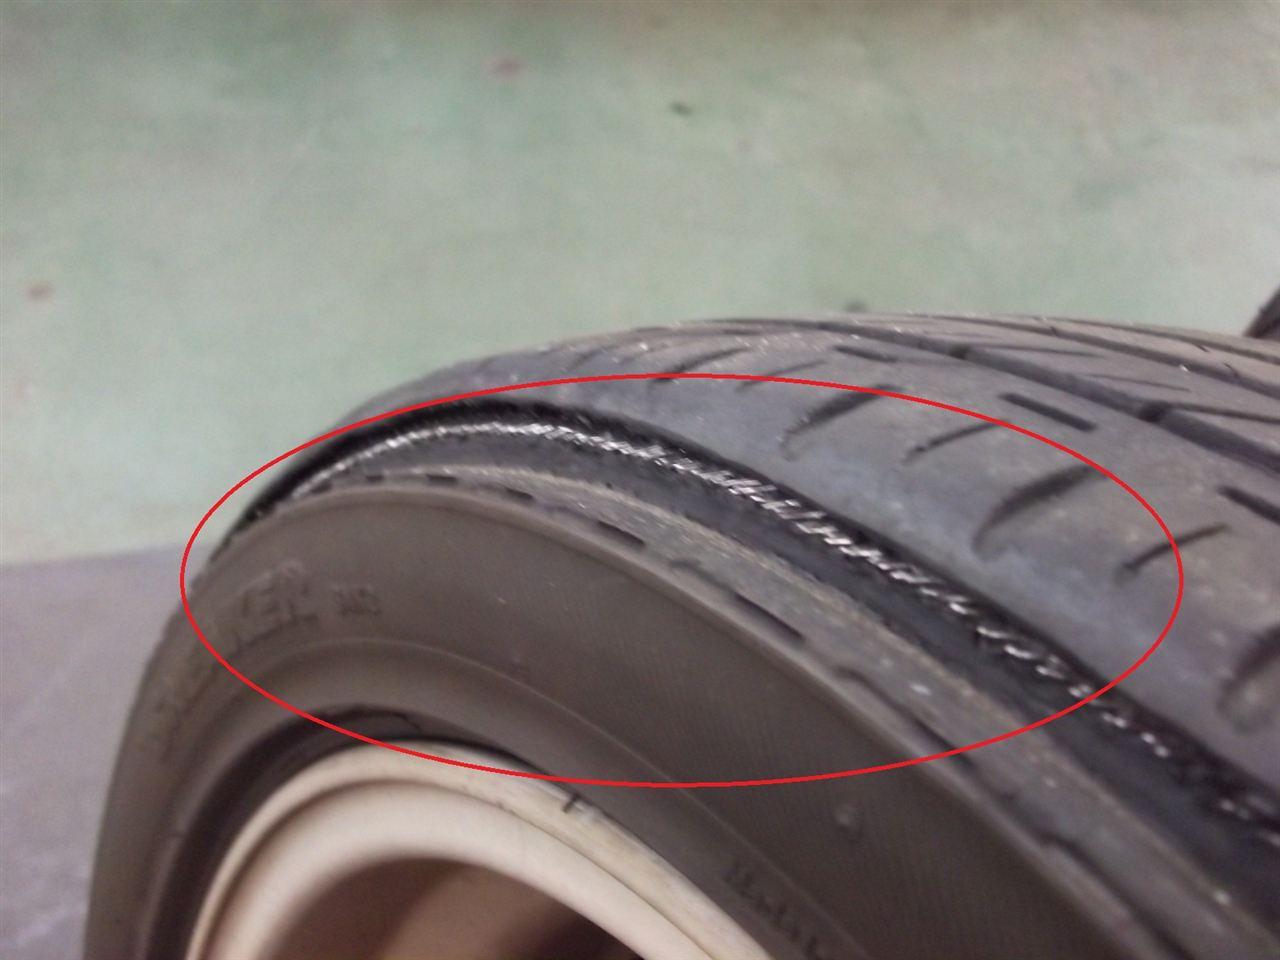 タイヤの空気圧不足|Car Land Baden スタッフブログ|ブログ ...